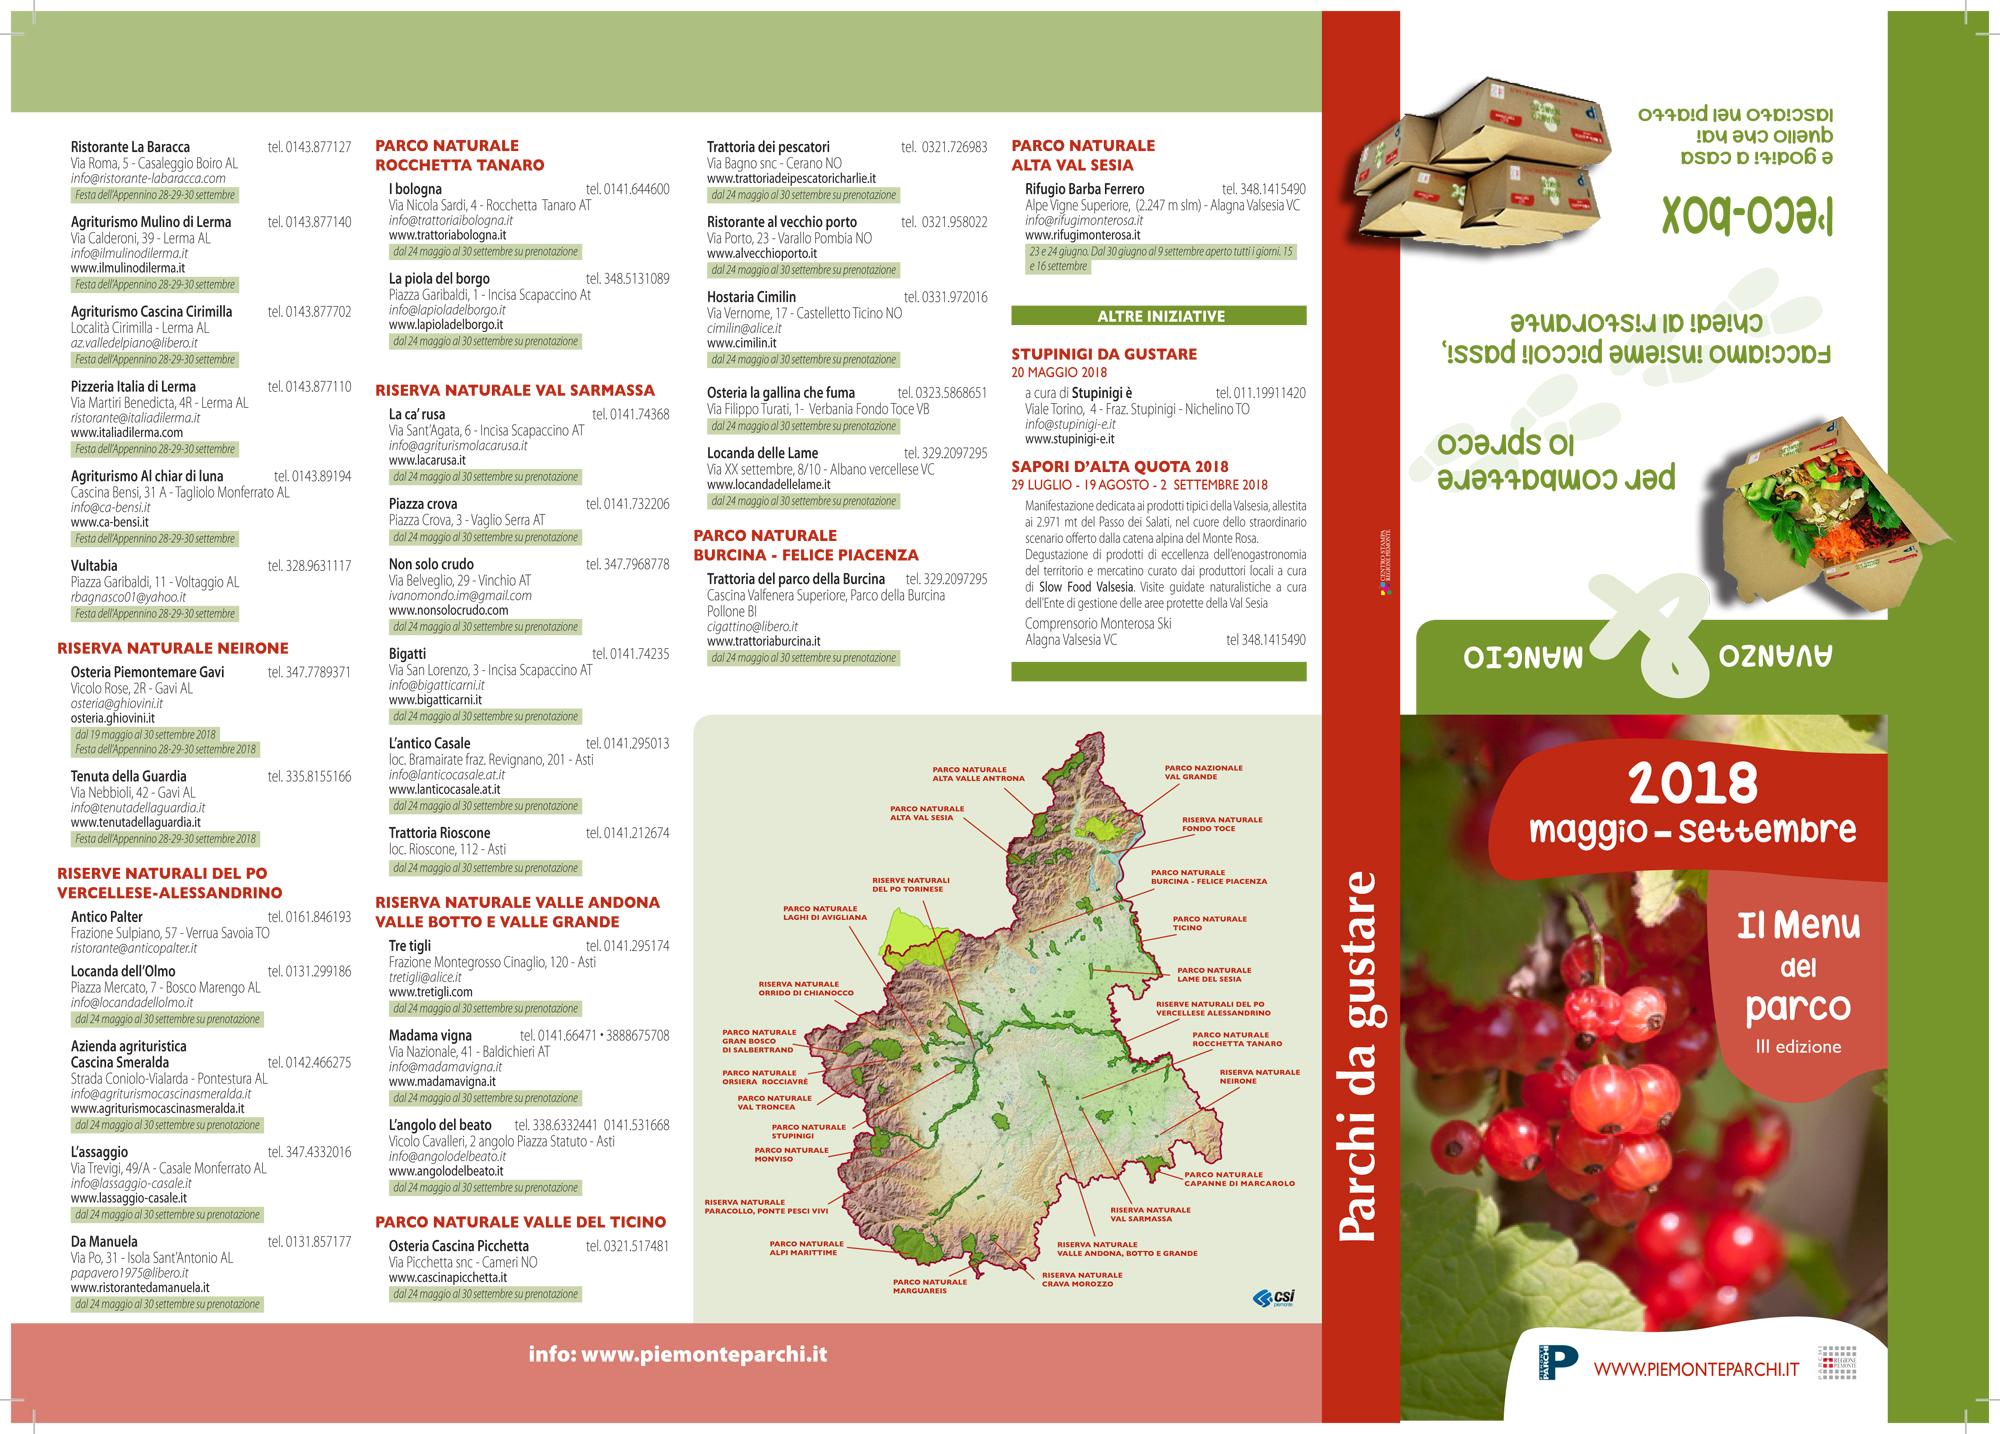 Prodotti e ricette tradizionali con Il Menu del parco